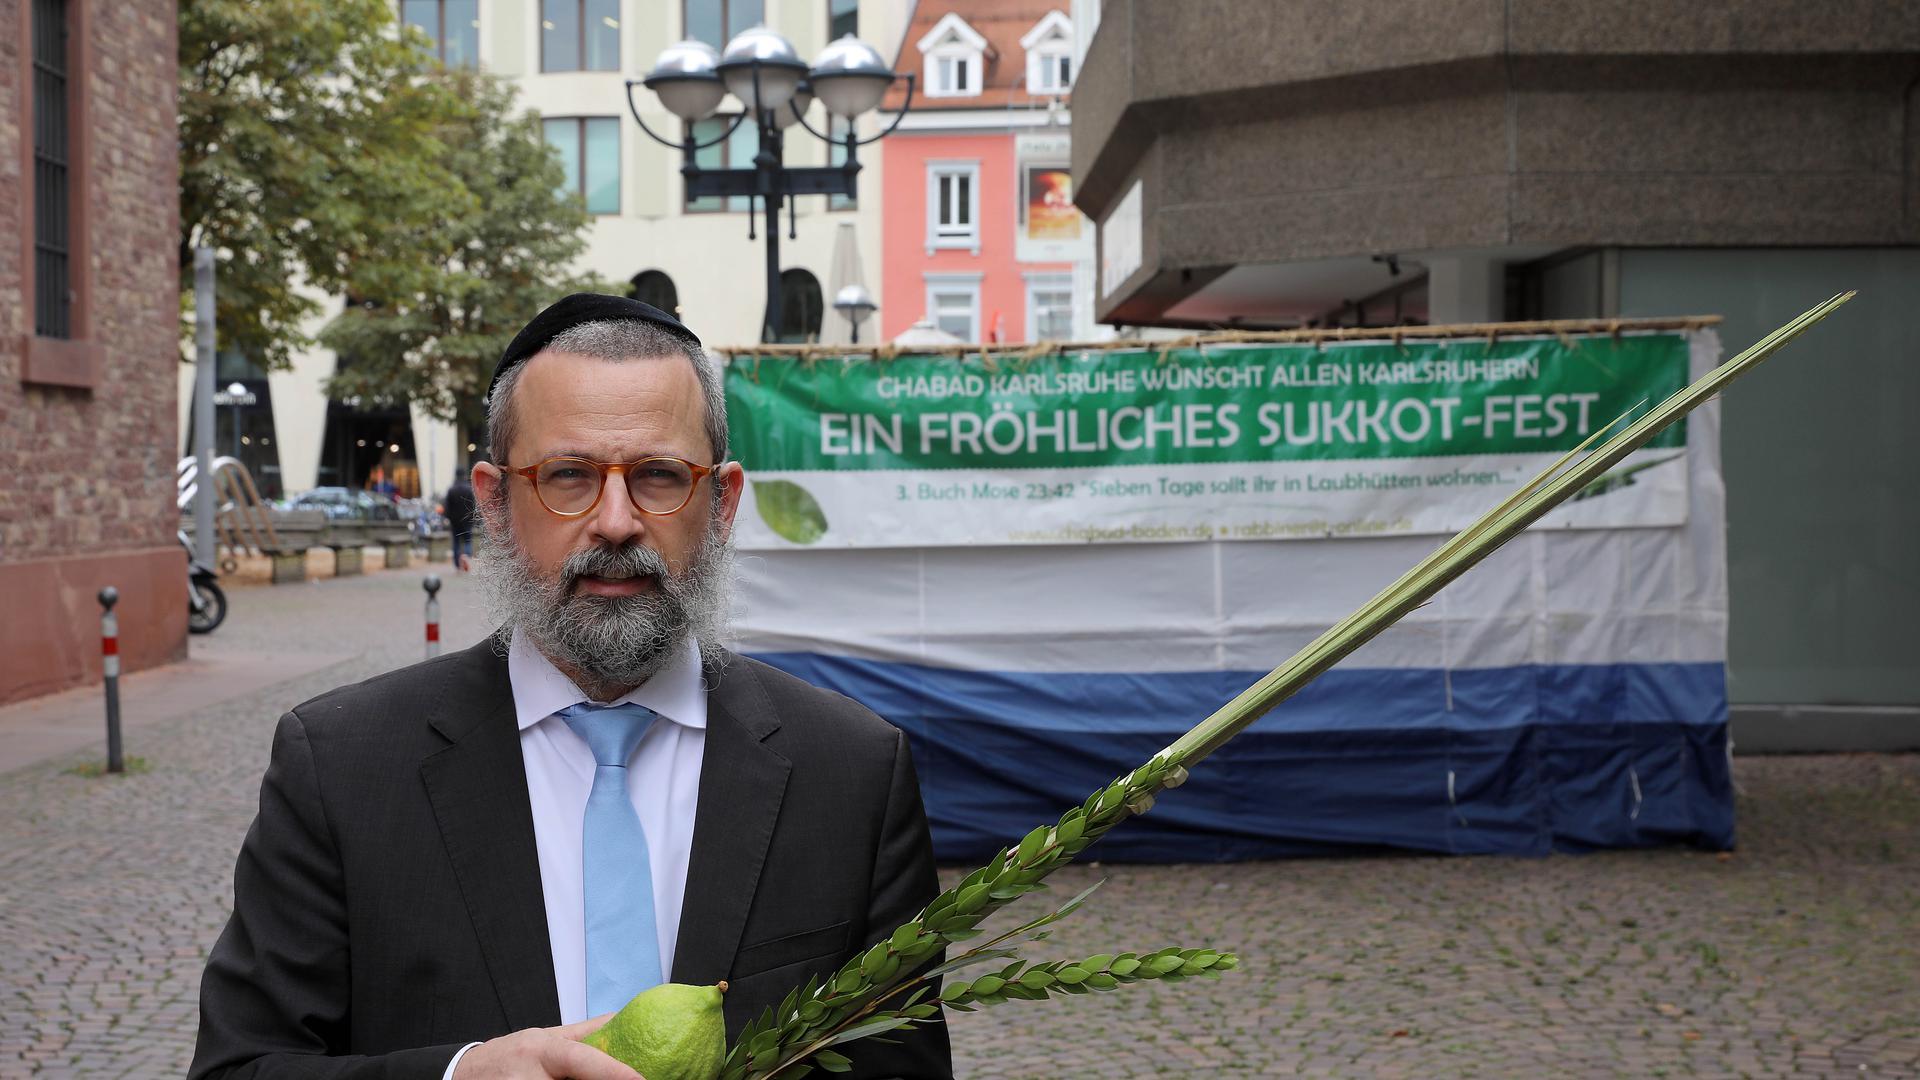 © Jodo-Foto /  Joerg  Donecker//  17.09.2021 Laubhuette bei St. Stephan, Foto: Rabbiner Mordechai Mendelson,                                                              -Copyright - Jodo-Foto /  Joerg  Donecker Sonnenbergstr.4  D-76228 KARLSRUHE TEL:  0049 (0) 721-9473285 FAX:  0049 (0) 721 4903368  Mobil: 0049 (0) 172 7238737 E-Mail:  joerg.donecker@t-online.de Sparkasse Karlsruhe  IBAN: DE12 6605 0101 0010 0395 50, BIC: KARSDE66XX Steuernummer 34140/28360 Veroeffentlichung nur gegen Honorar nach MFM zzgl. ges. Mwst.  , Belegexemplar und Namensnennung. Es gelten meine AGB.